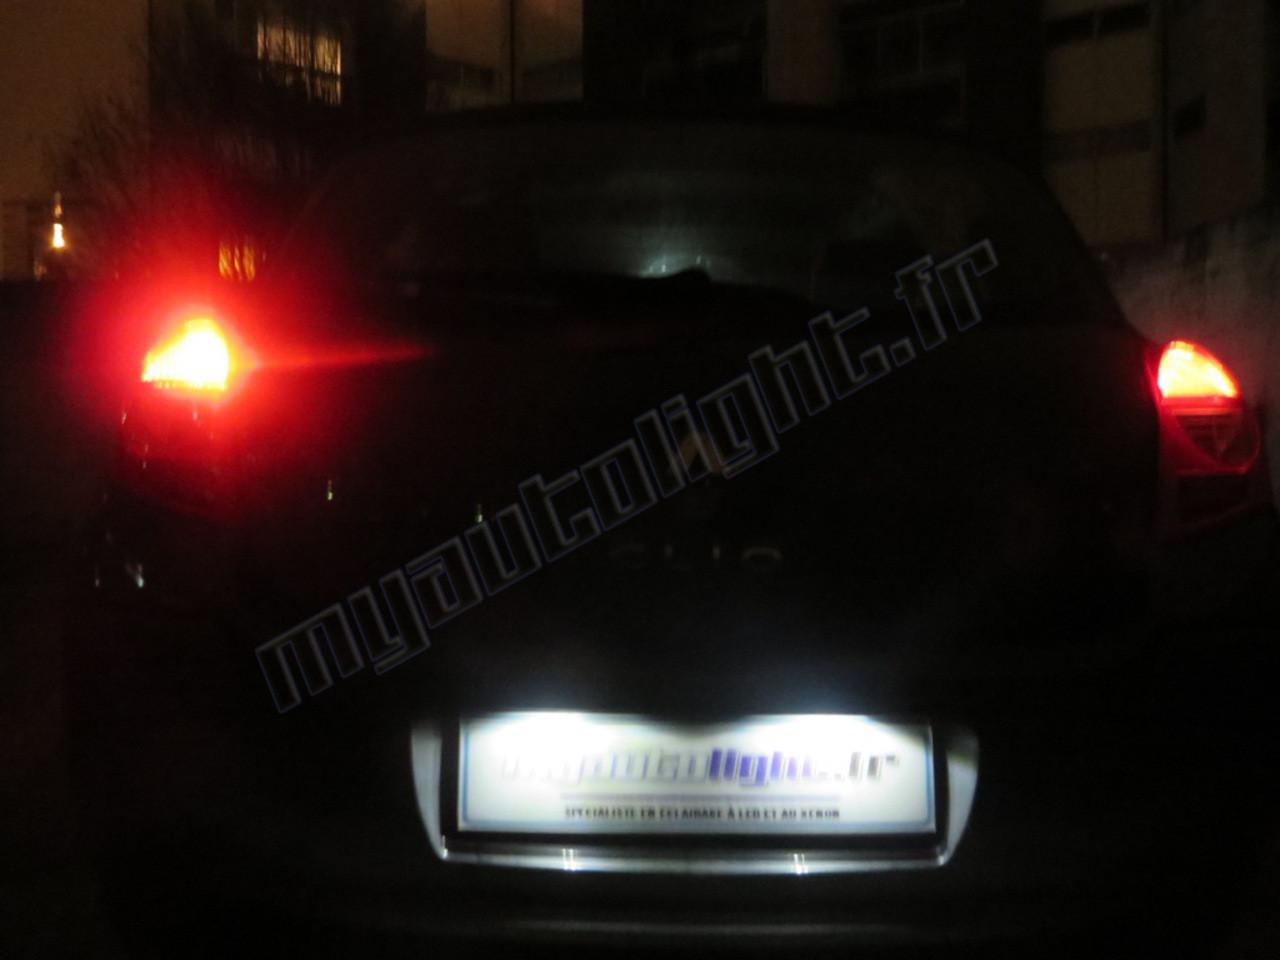 eclairage de plaque pour renault 4 Eclairage de plaque à Led pour Renault Clio 4. Qté :